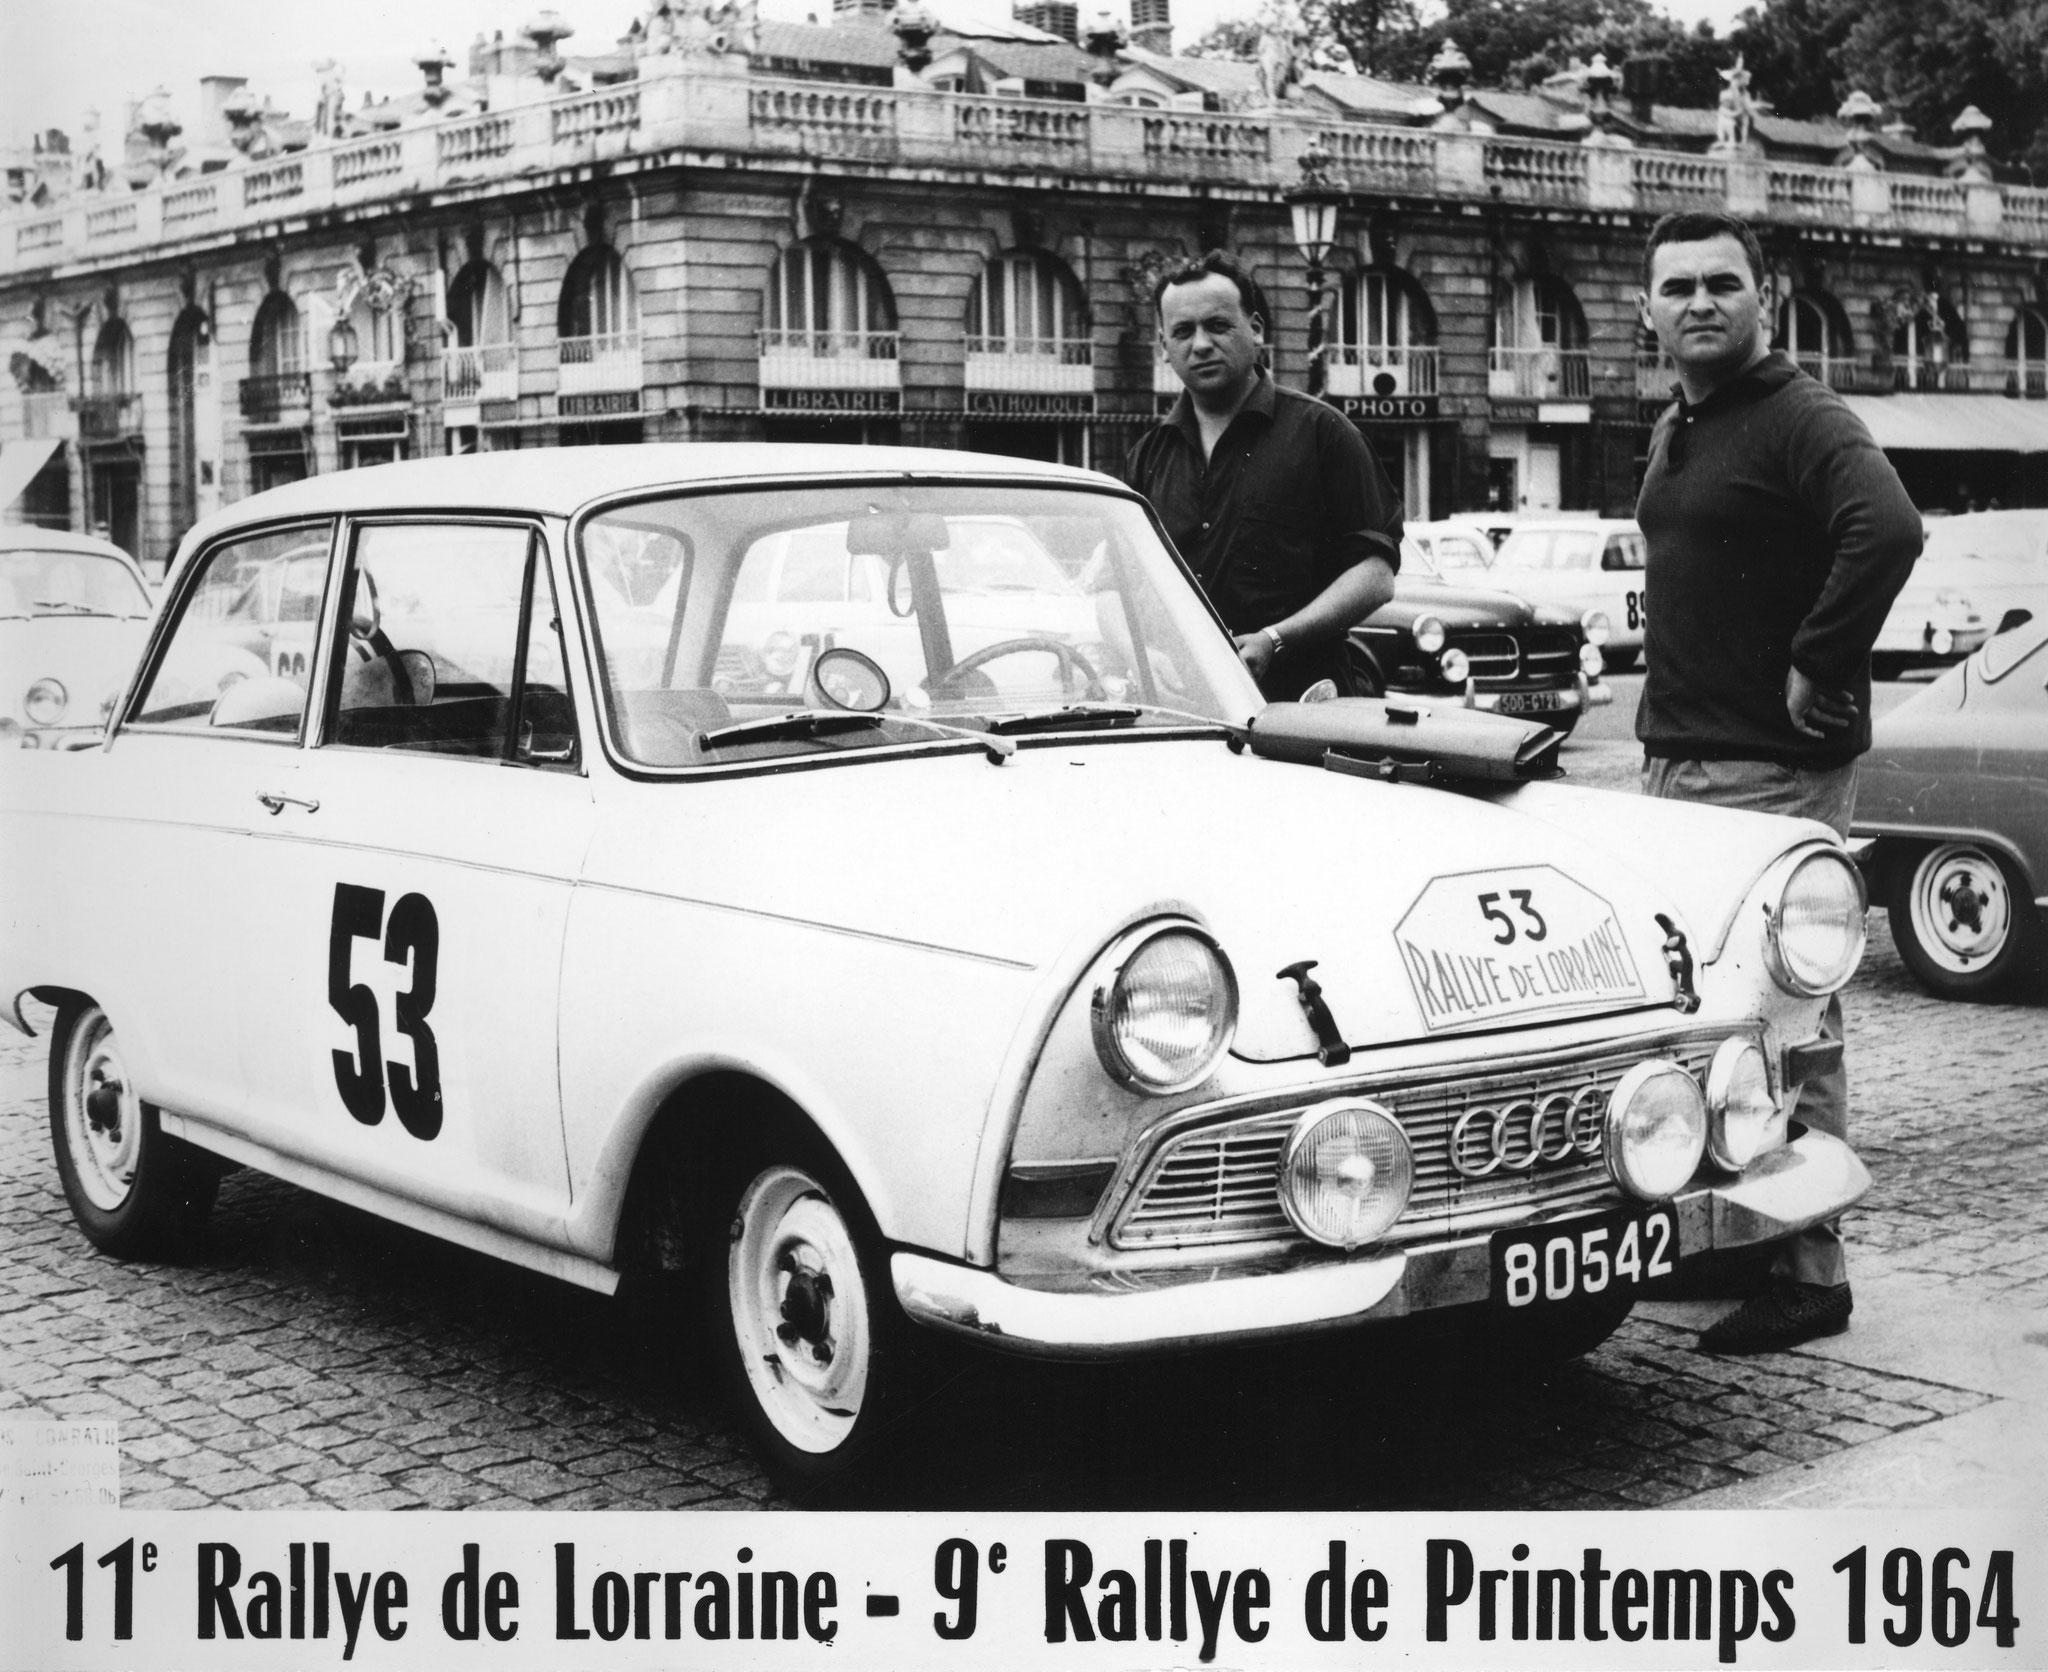 1964 Rallye de Lorraine Koob-Wies